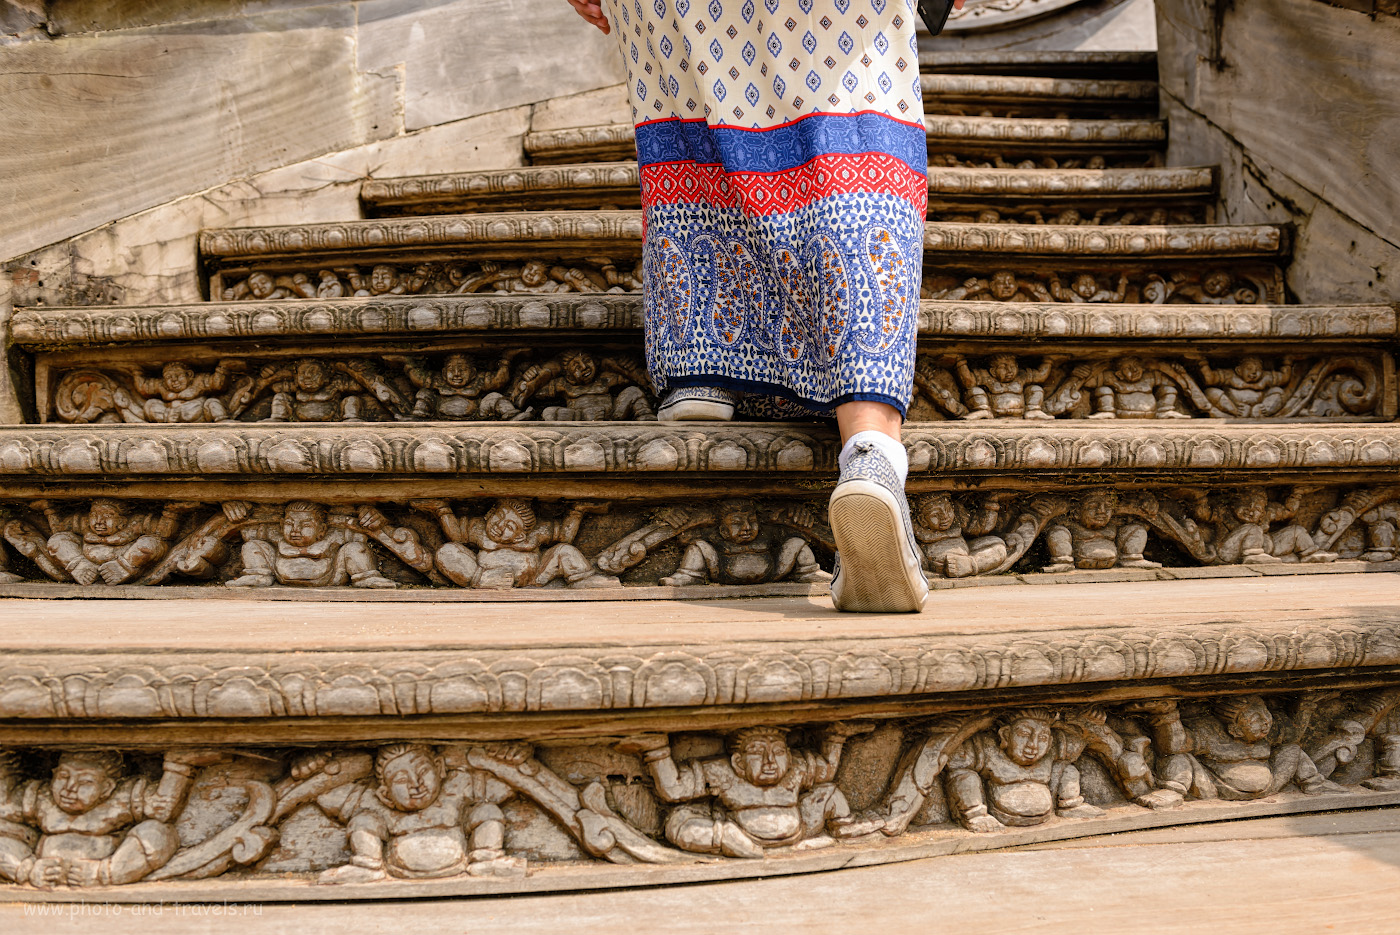 Фото 21. Ступени лестницы в Храме Истины в Паттайе. 1/320, 5.6, 100, 32.